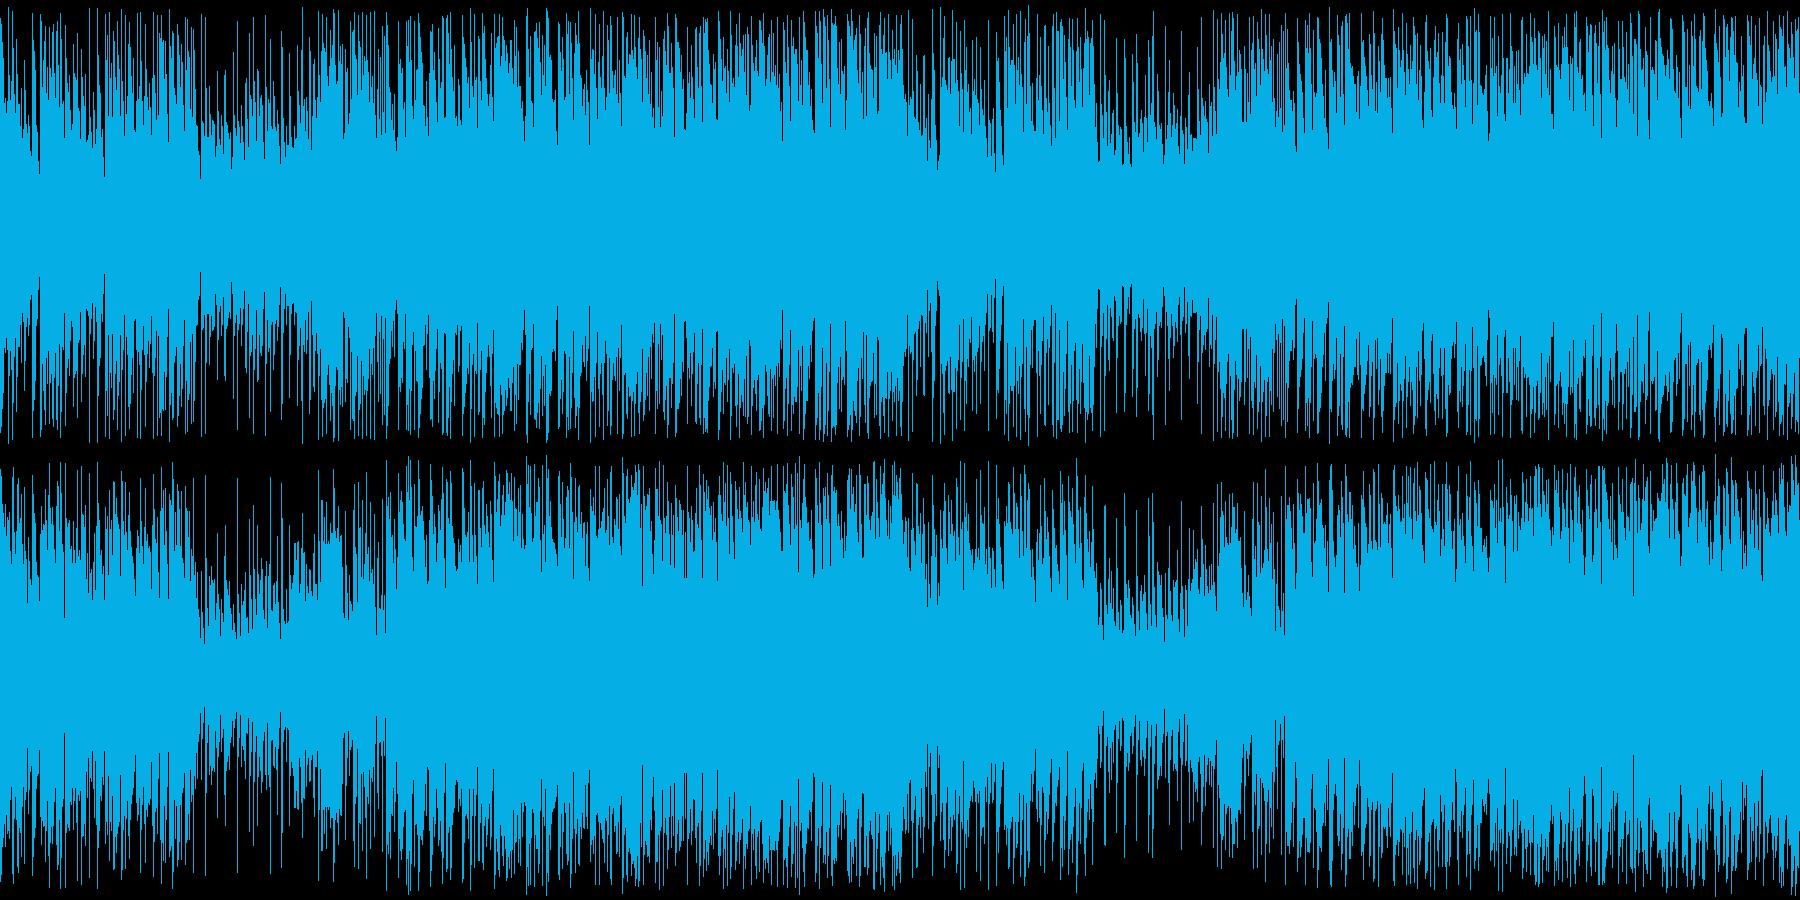 疾走感のある怪しい曲の再生済みの波形